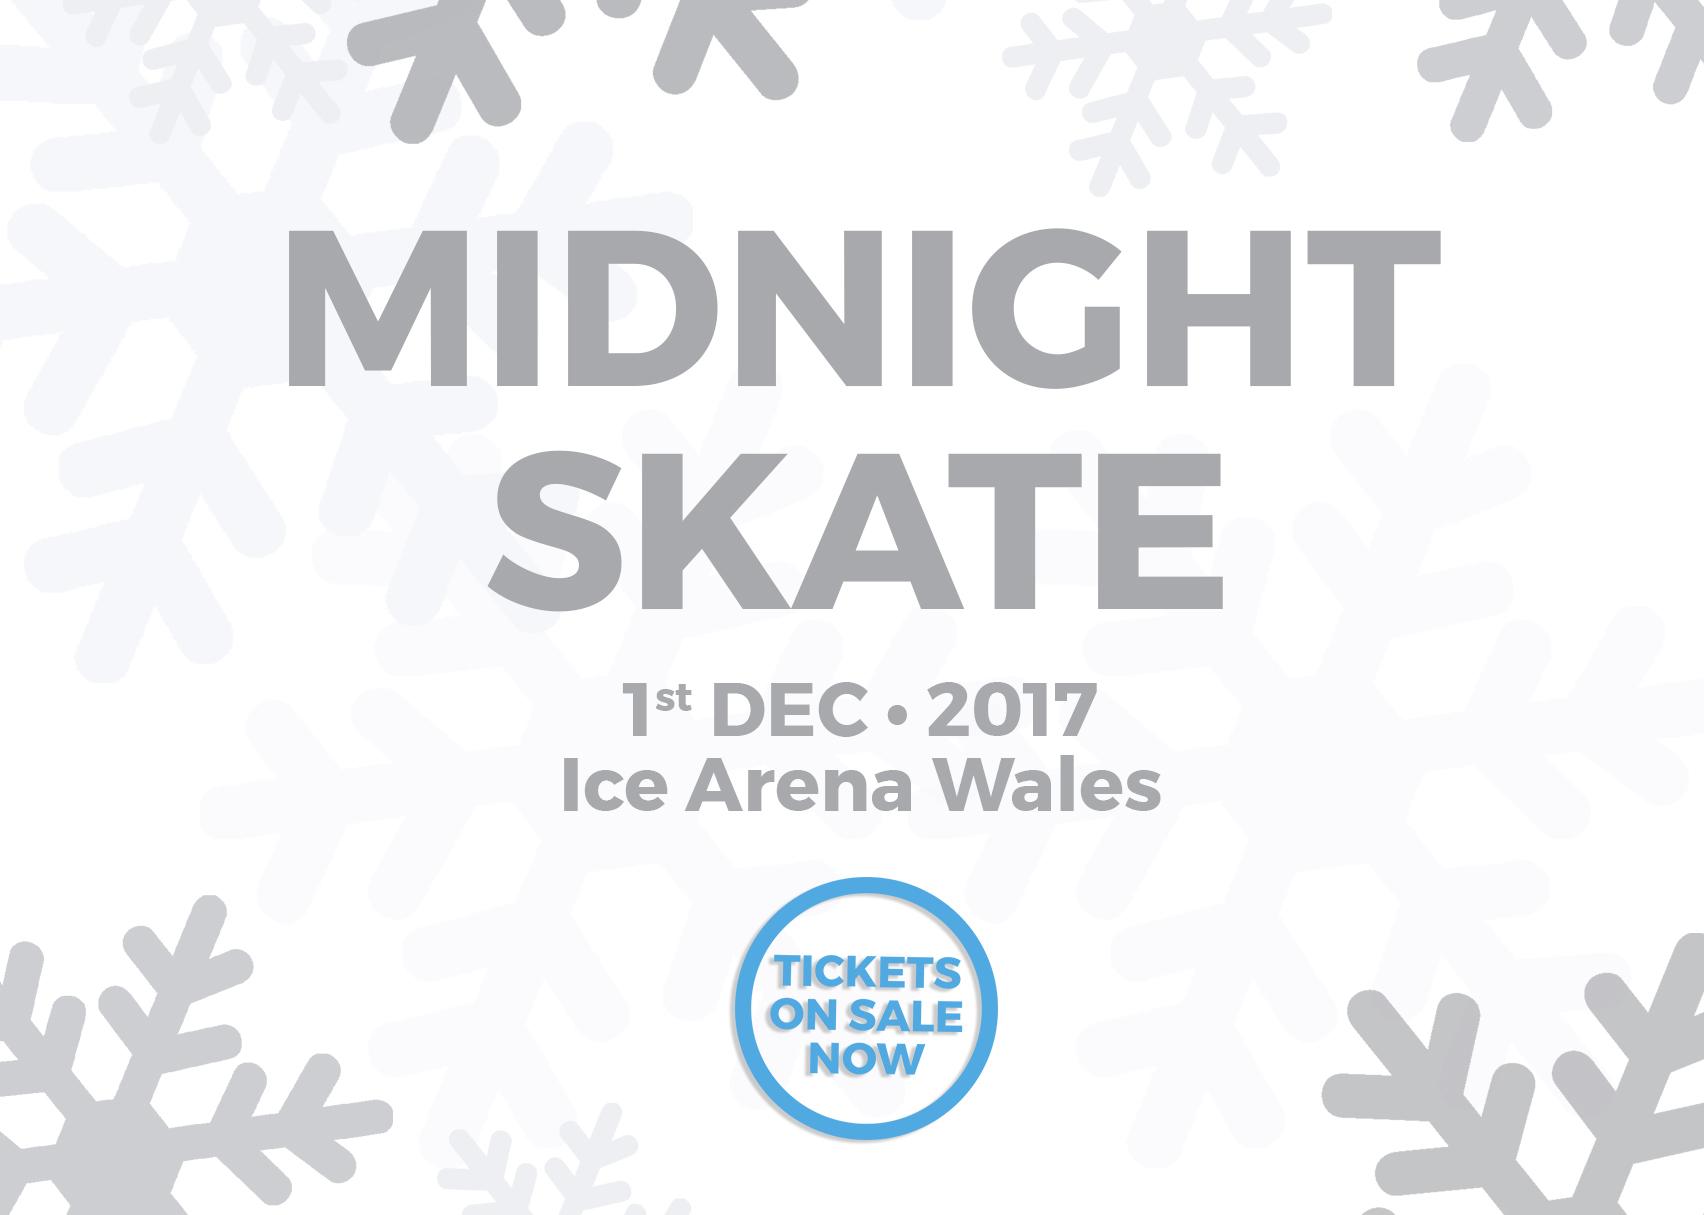 Midnight Skate 2017